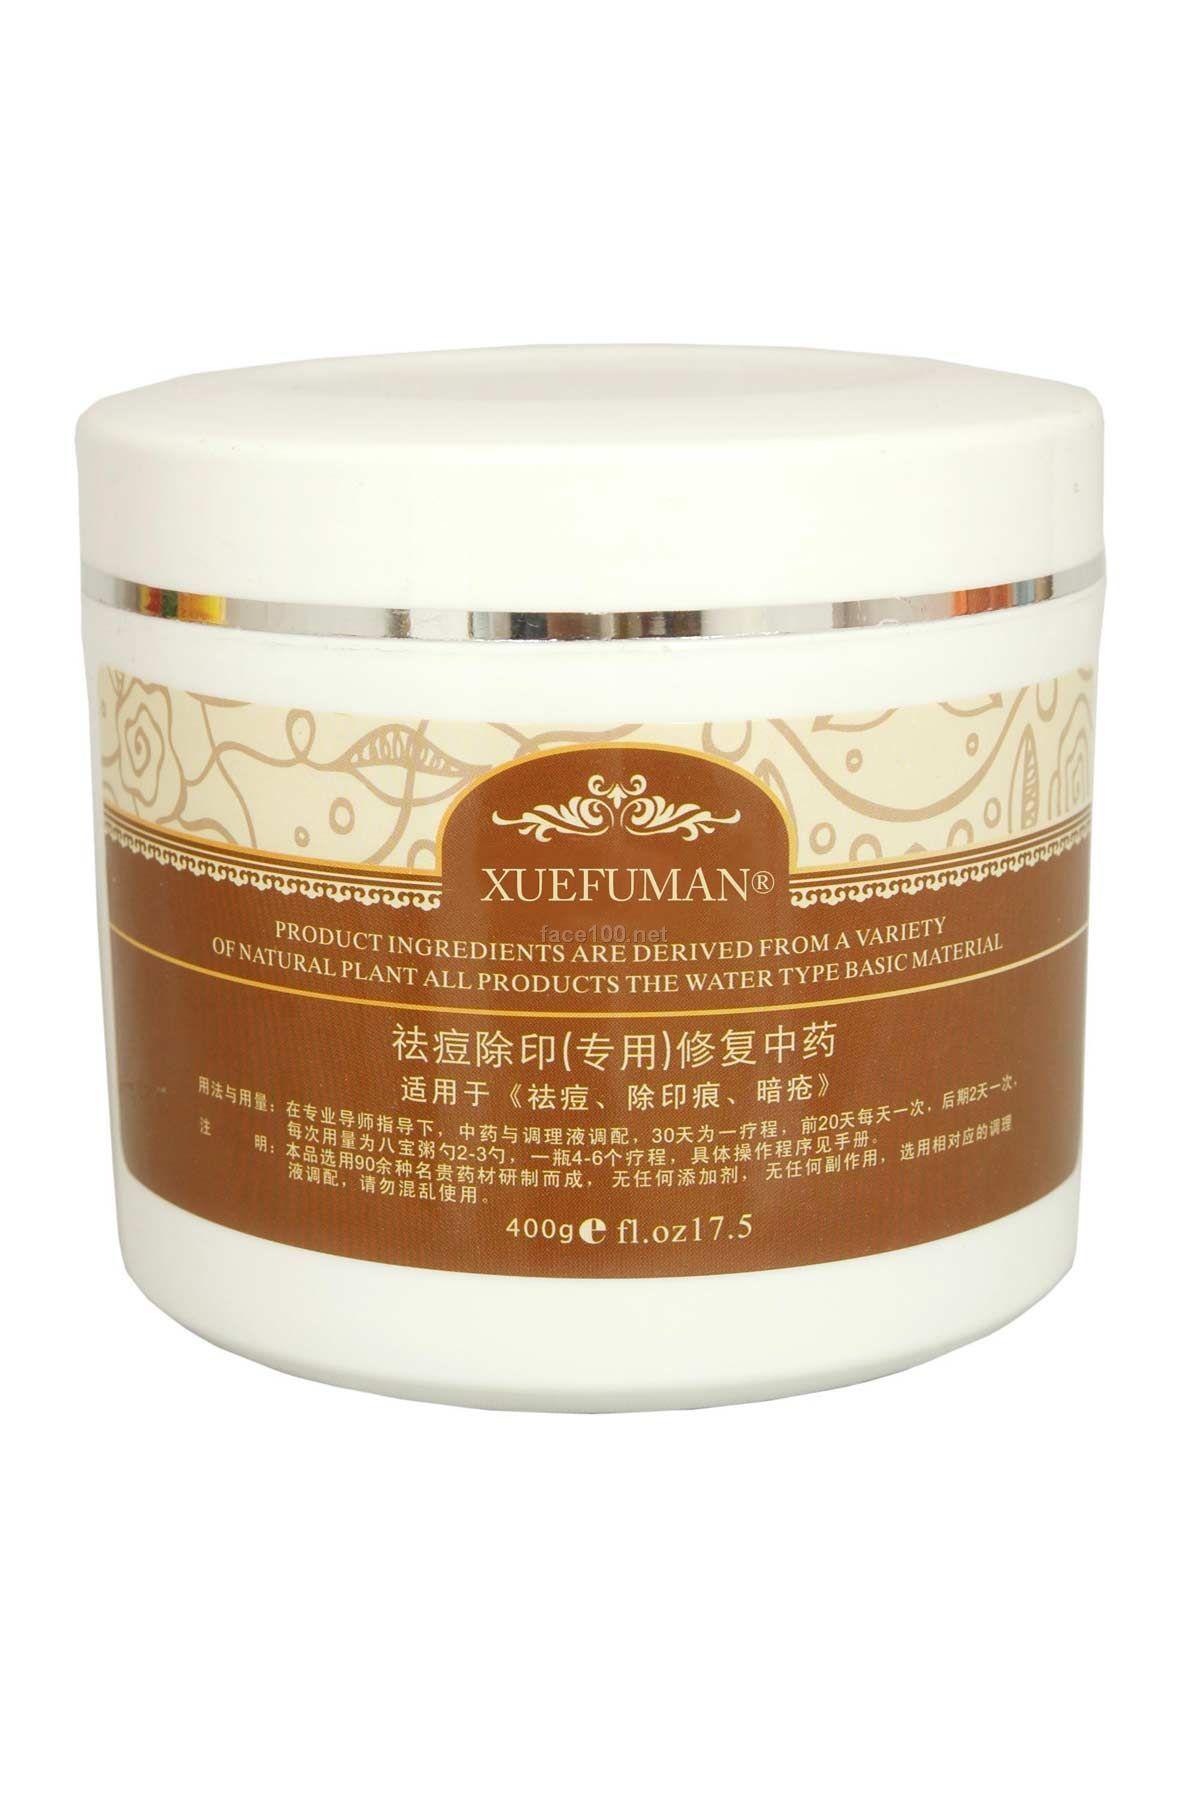 雪肤曼疗效型中药调理类产品14种招商美容院产品